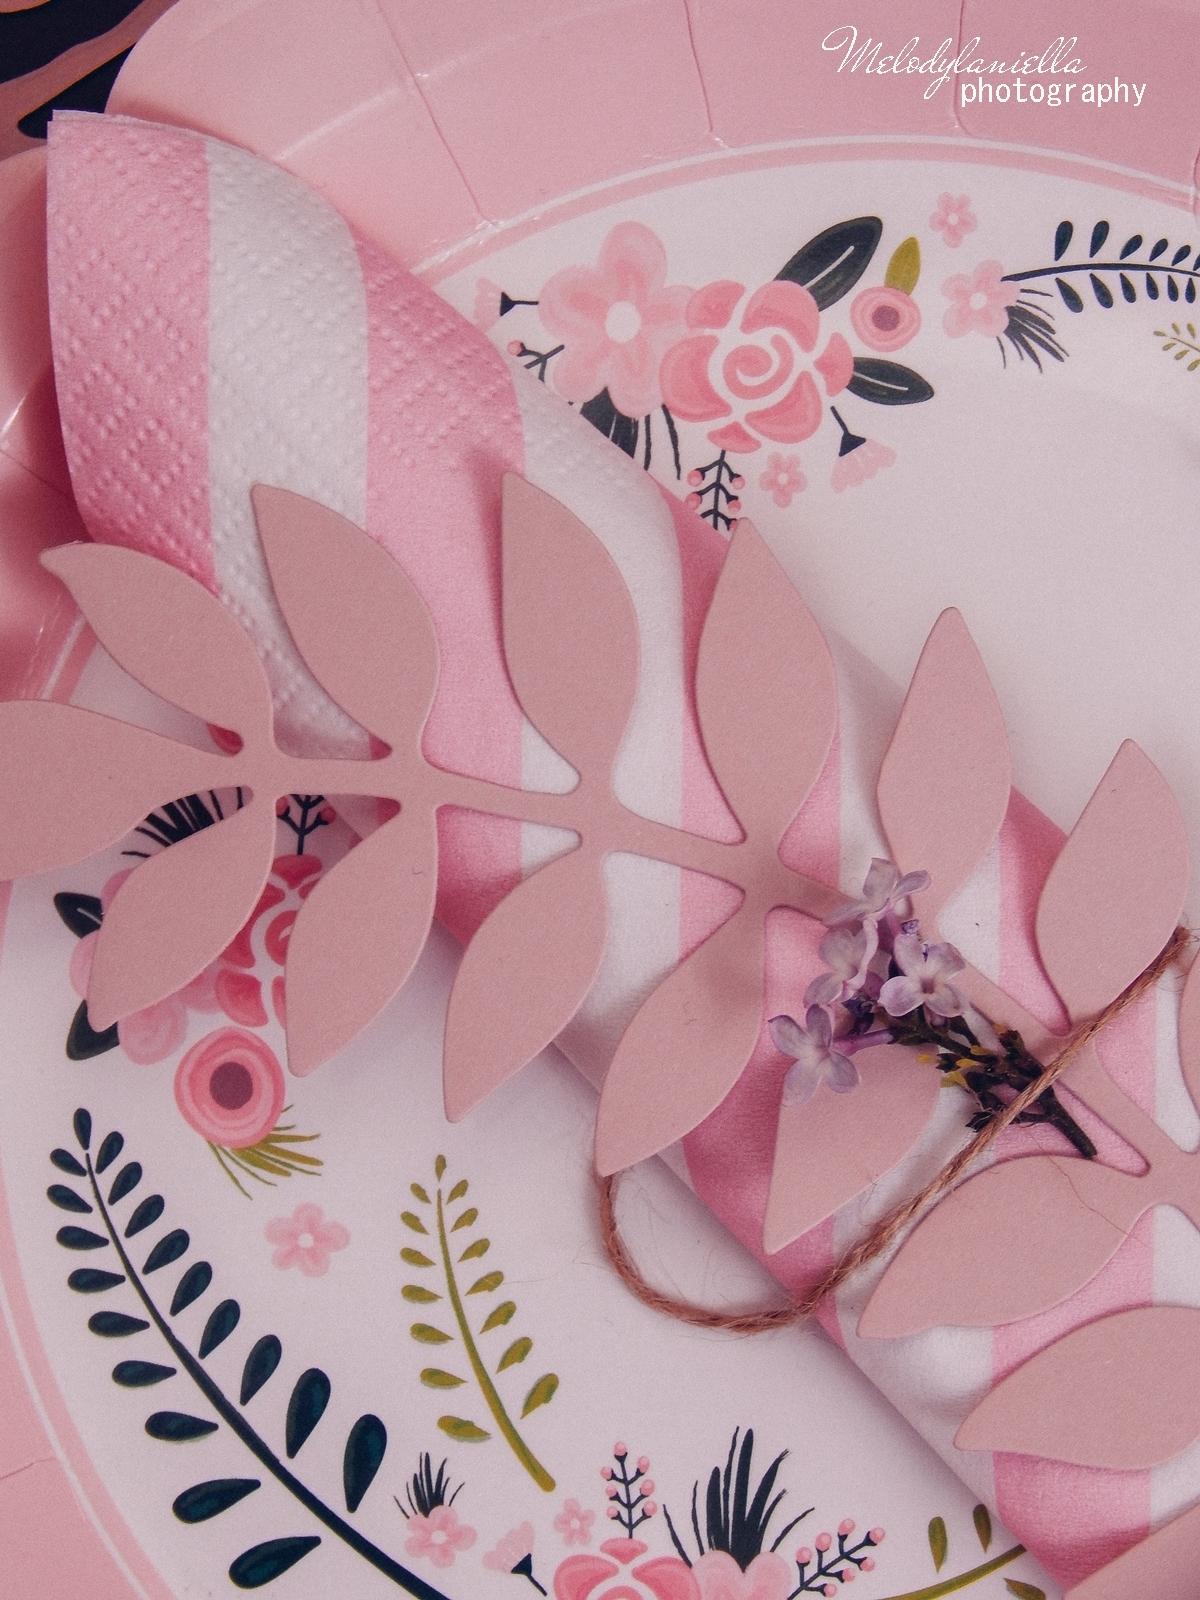 3 partybox.pl imprezu urodziny stroje dodatki na imprezę dekoracje nakrycia akcesoria imprezowe jak udekorować stół na dzień mamy pomysły na dzień matki papierowe elementy kubki talerzyki